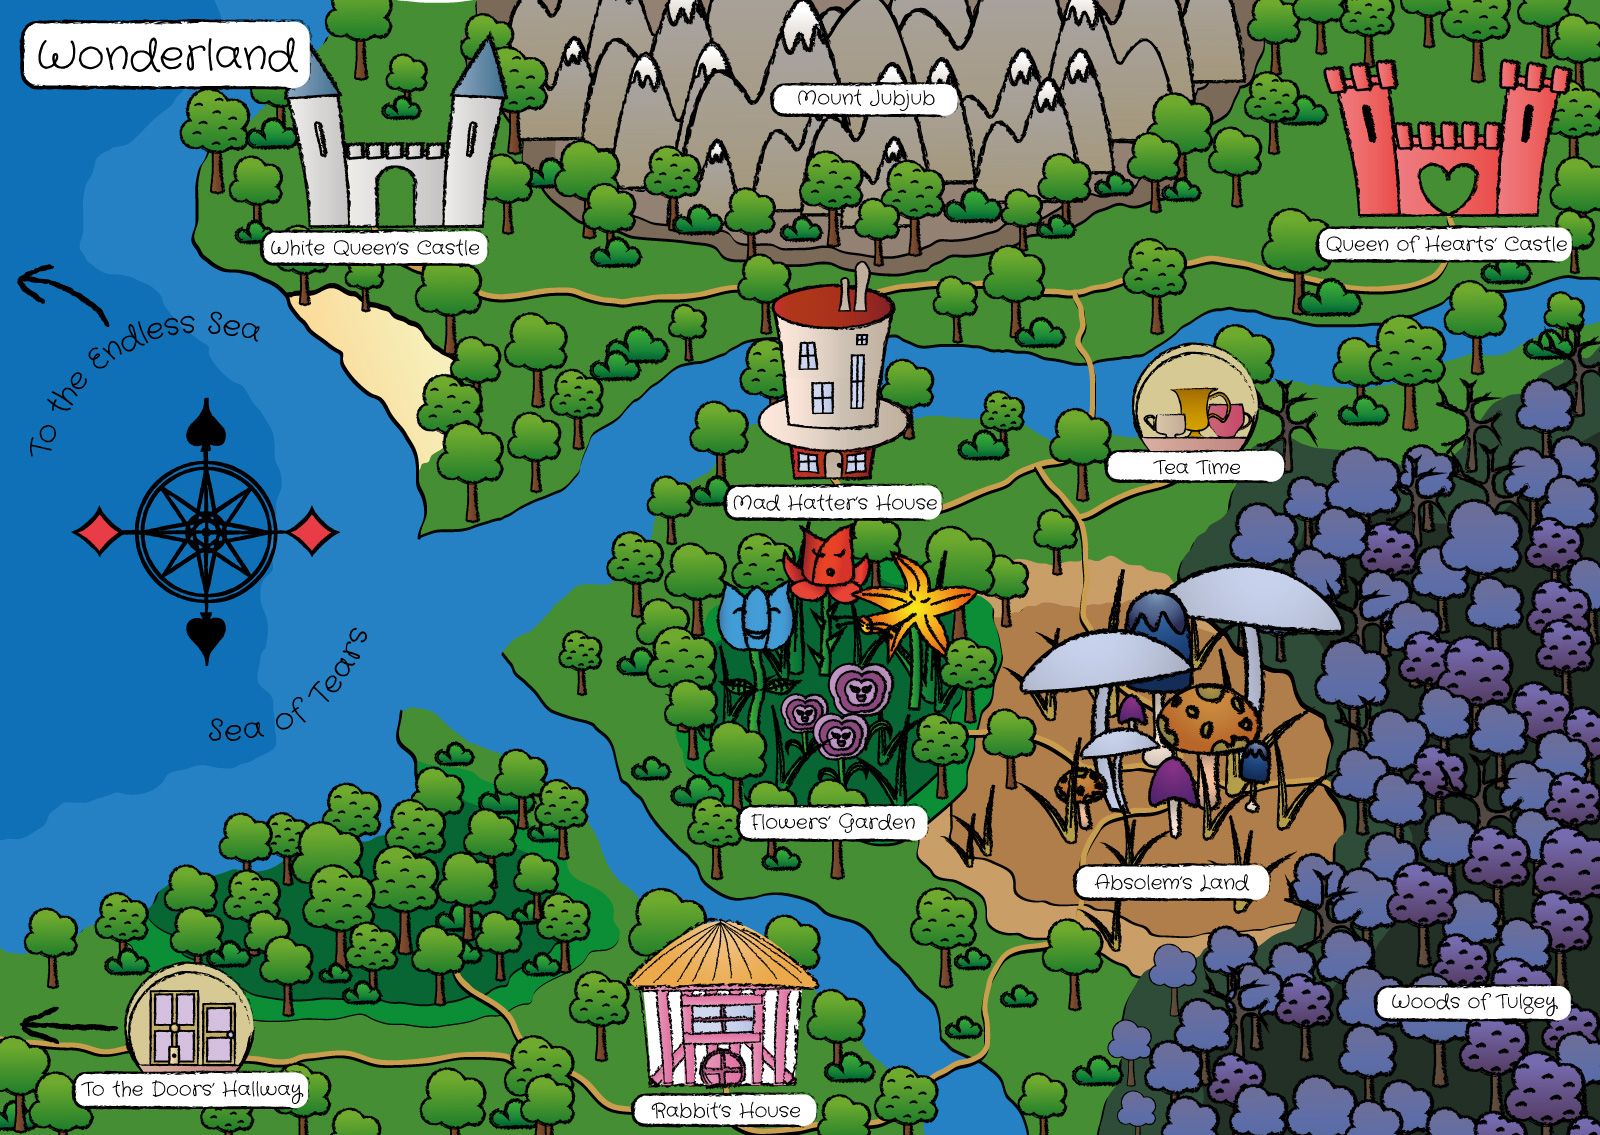 carte wonderland